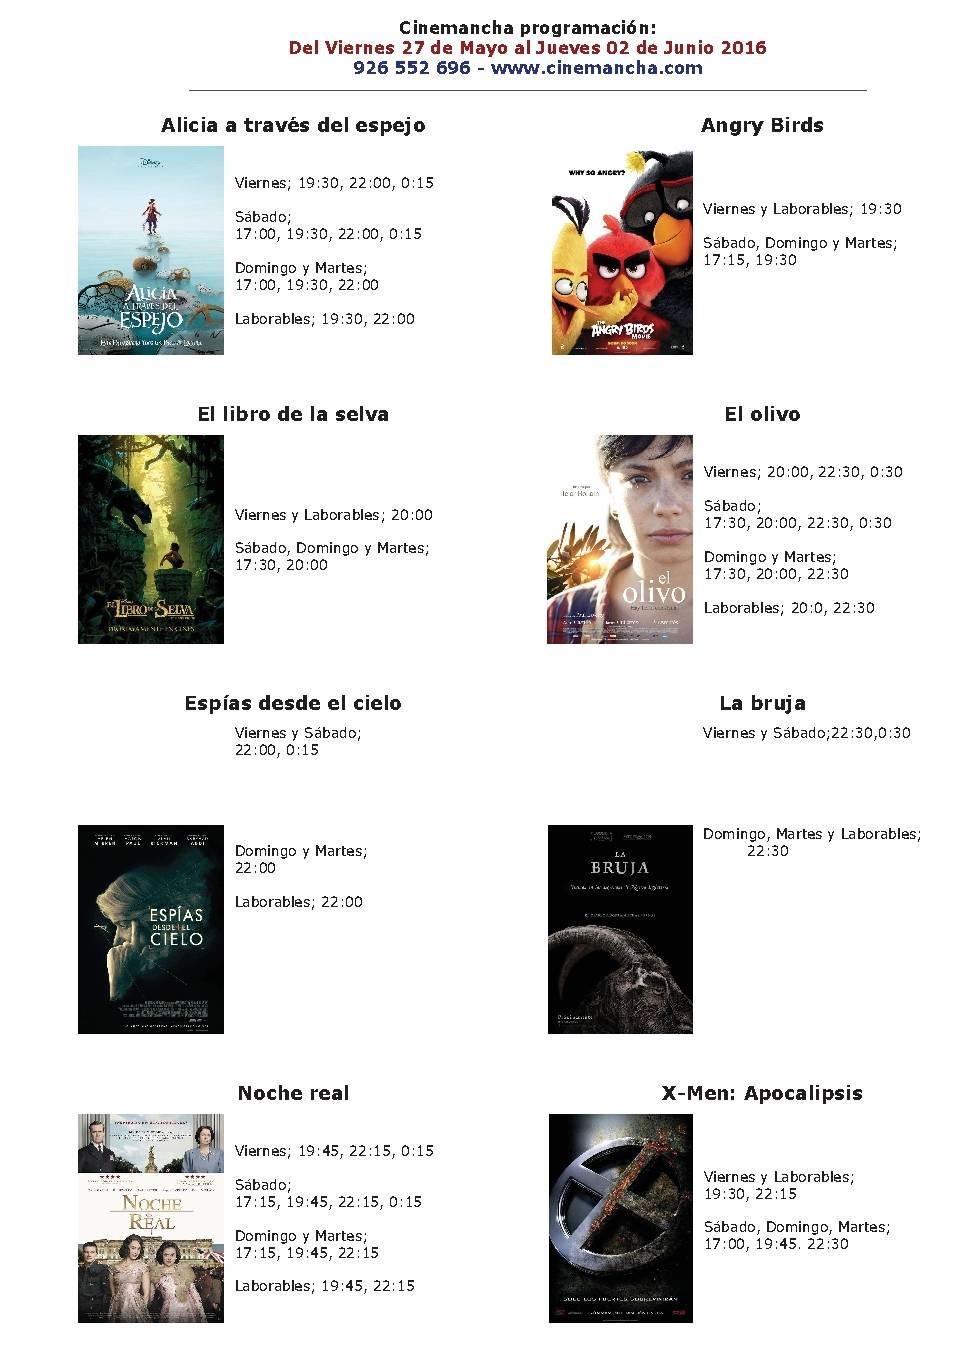 cartelera de cinemancha del 27 de mayo al 02 de junio - Cartelera Cinemancha del 27 de mayo al 02 de junio